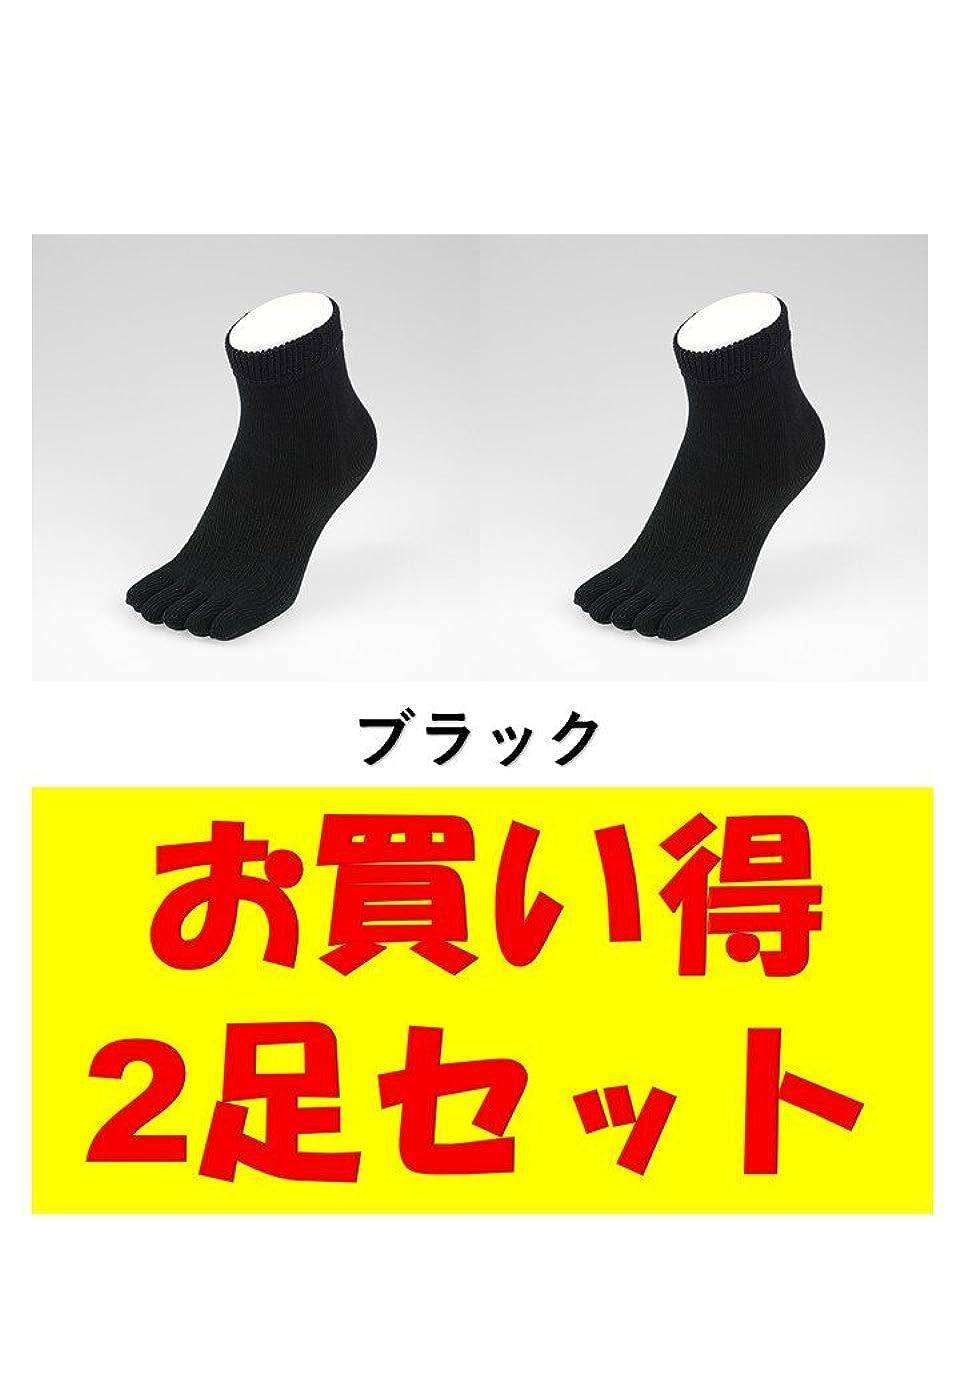 スピーカー記念品ゆるいお買い得2足セット 5本指 ゆびのばソックス Neo EVE(イヴ) ブラック Sサイズ(21.0cm - 24.0cm) YSNEVE-BLK